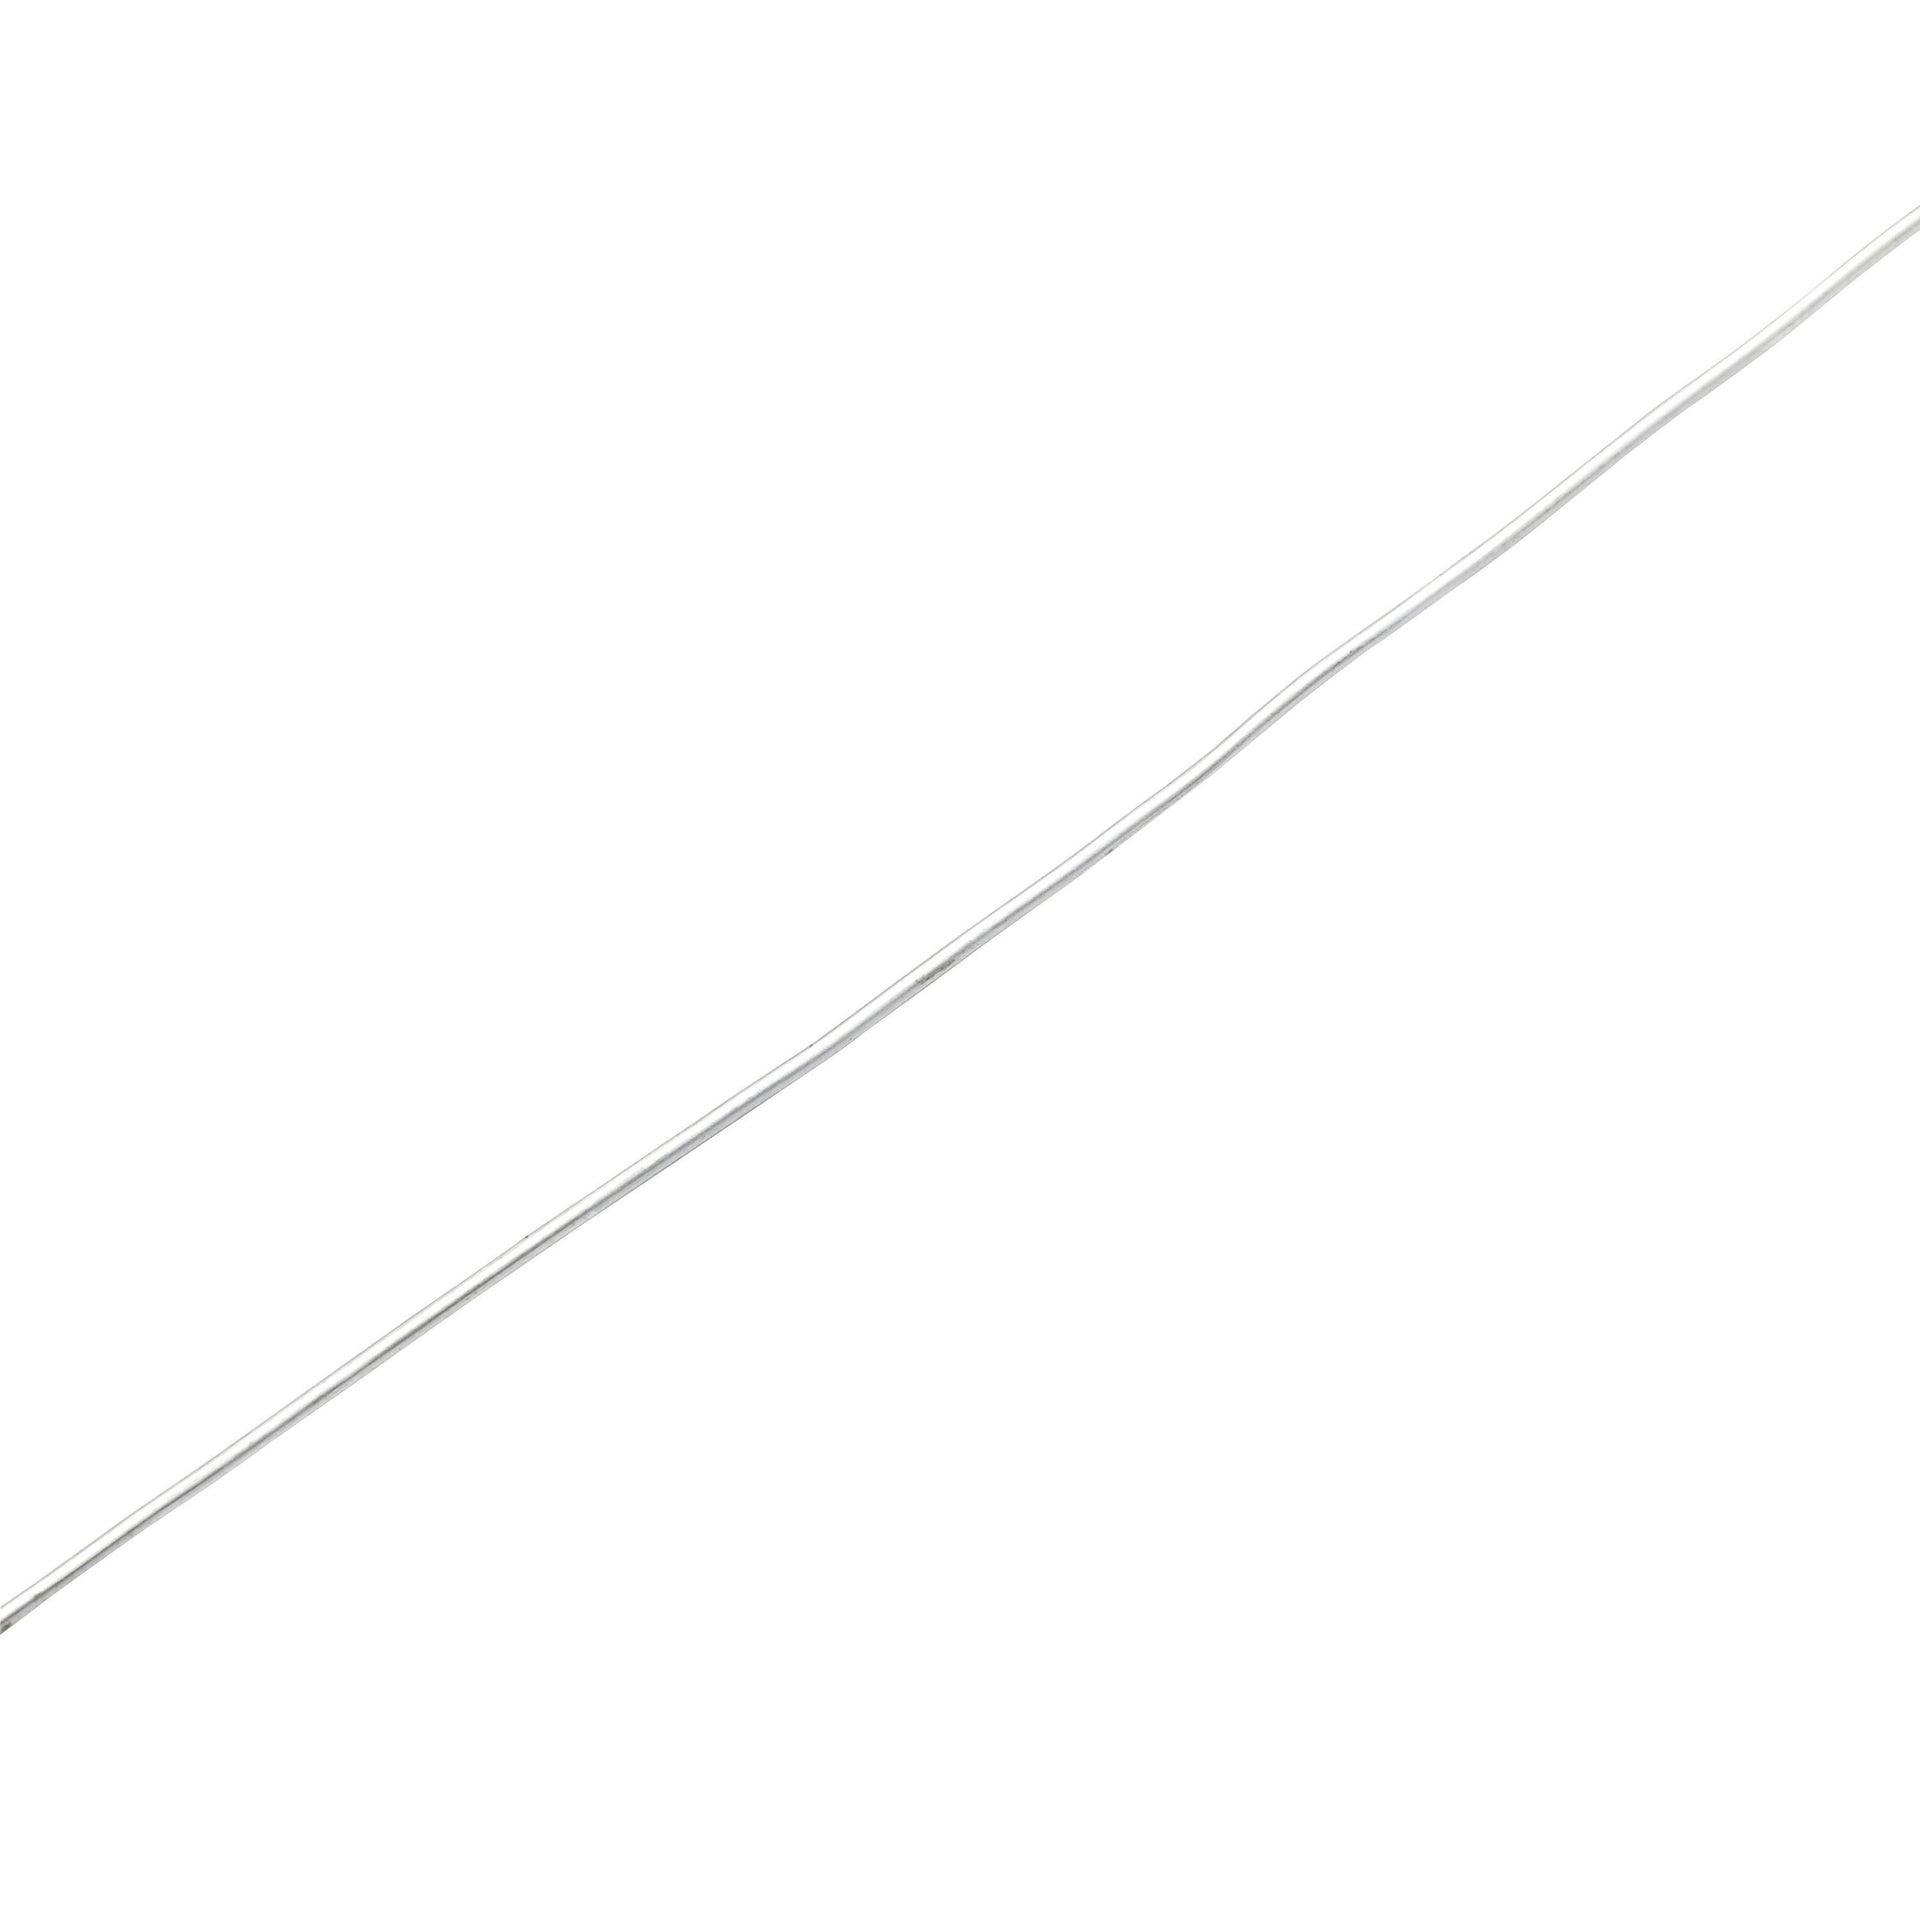 Filo in acciaio STANDERS Ø 0.9 mm x L 50 m - 6